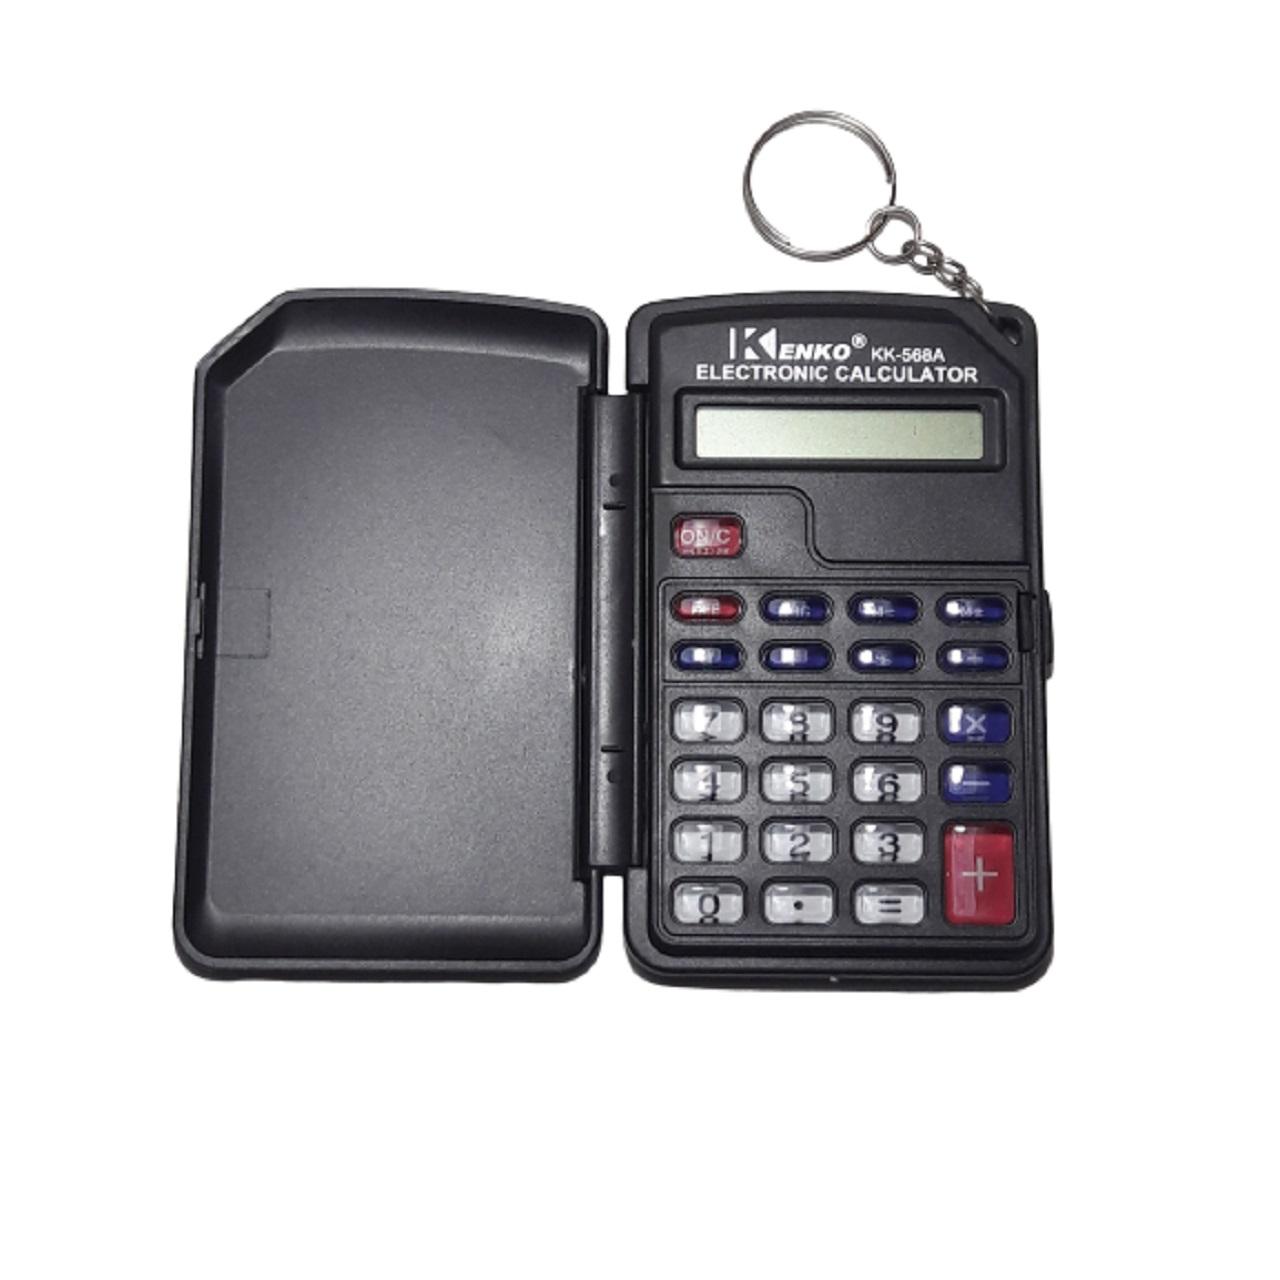 ماشین حساب   مدل  K-568